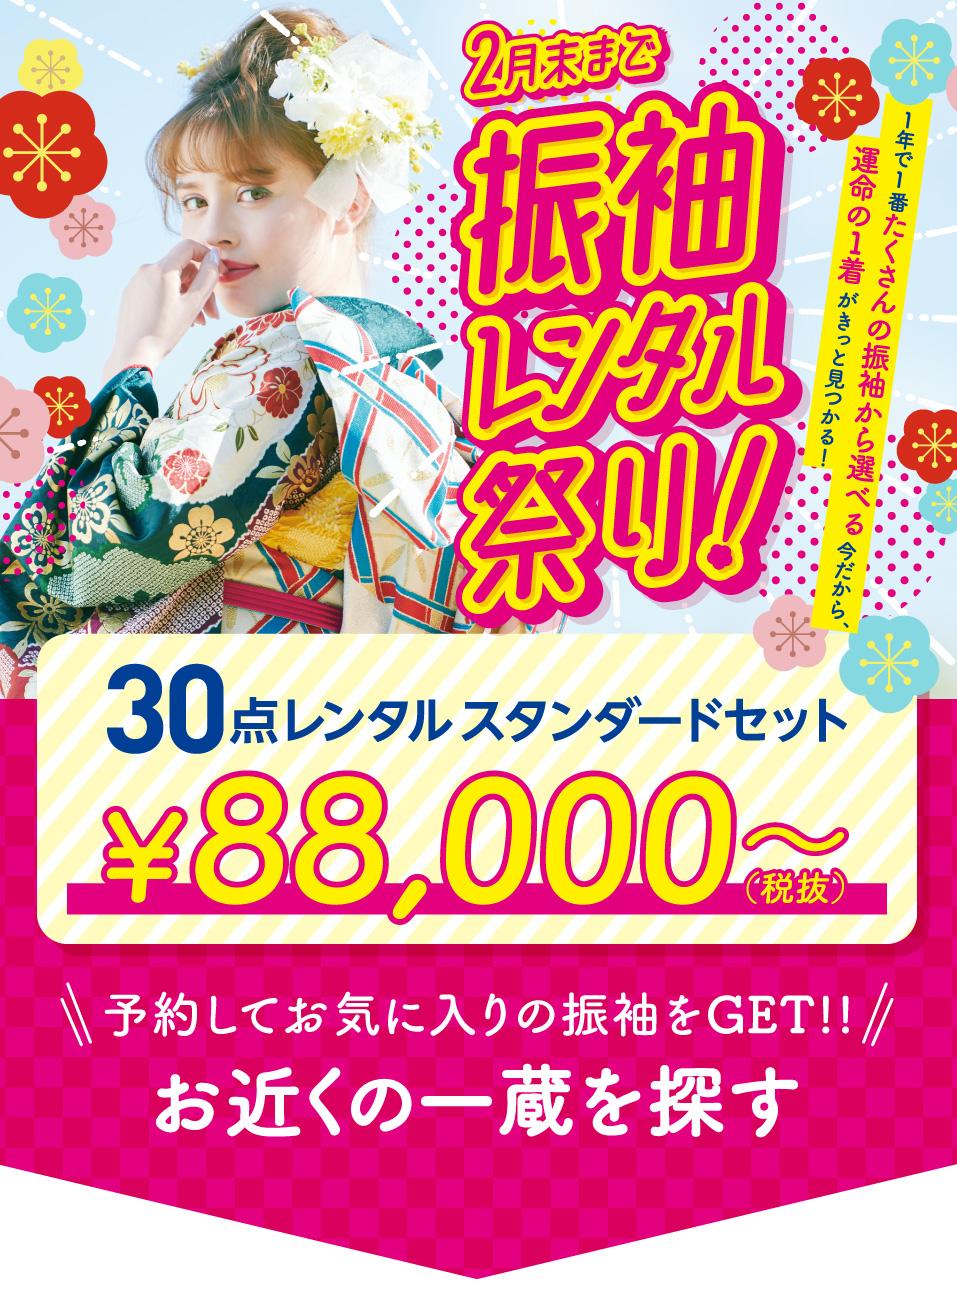 振袖レンタル祭り2月末まで!